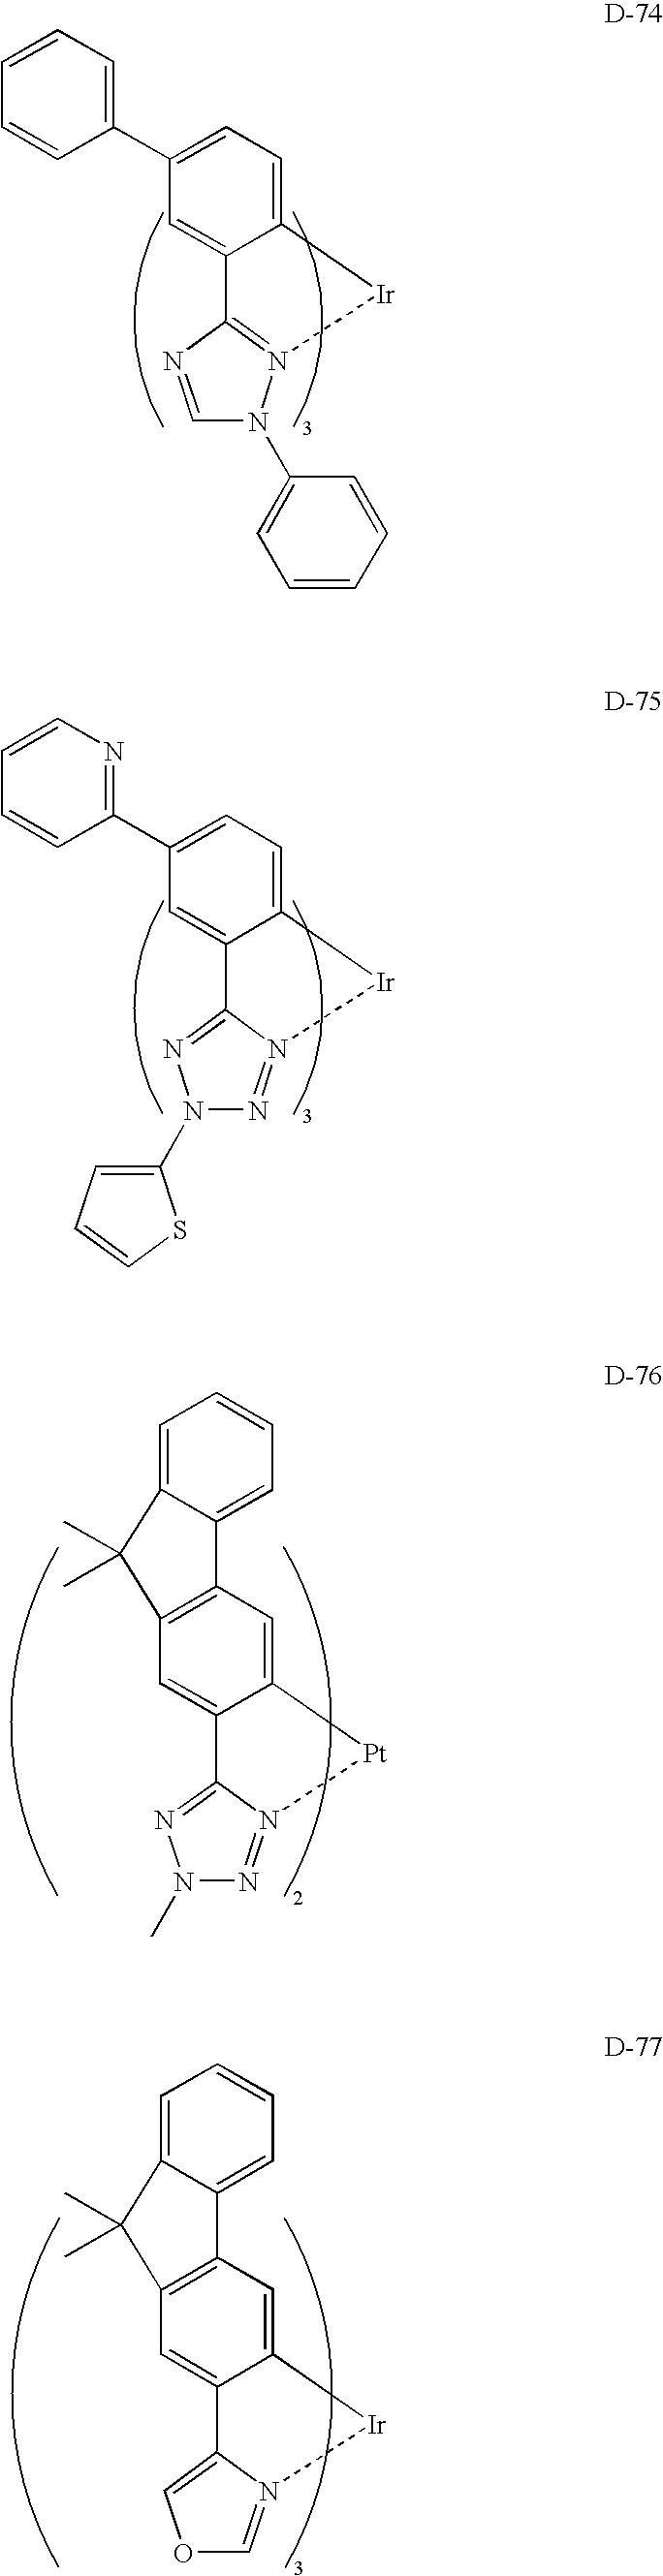 Figure US08053765-20111108-C00035